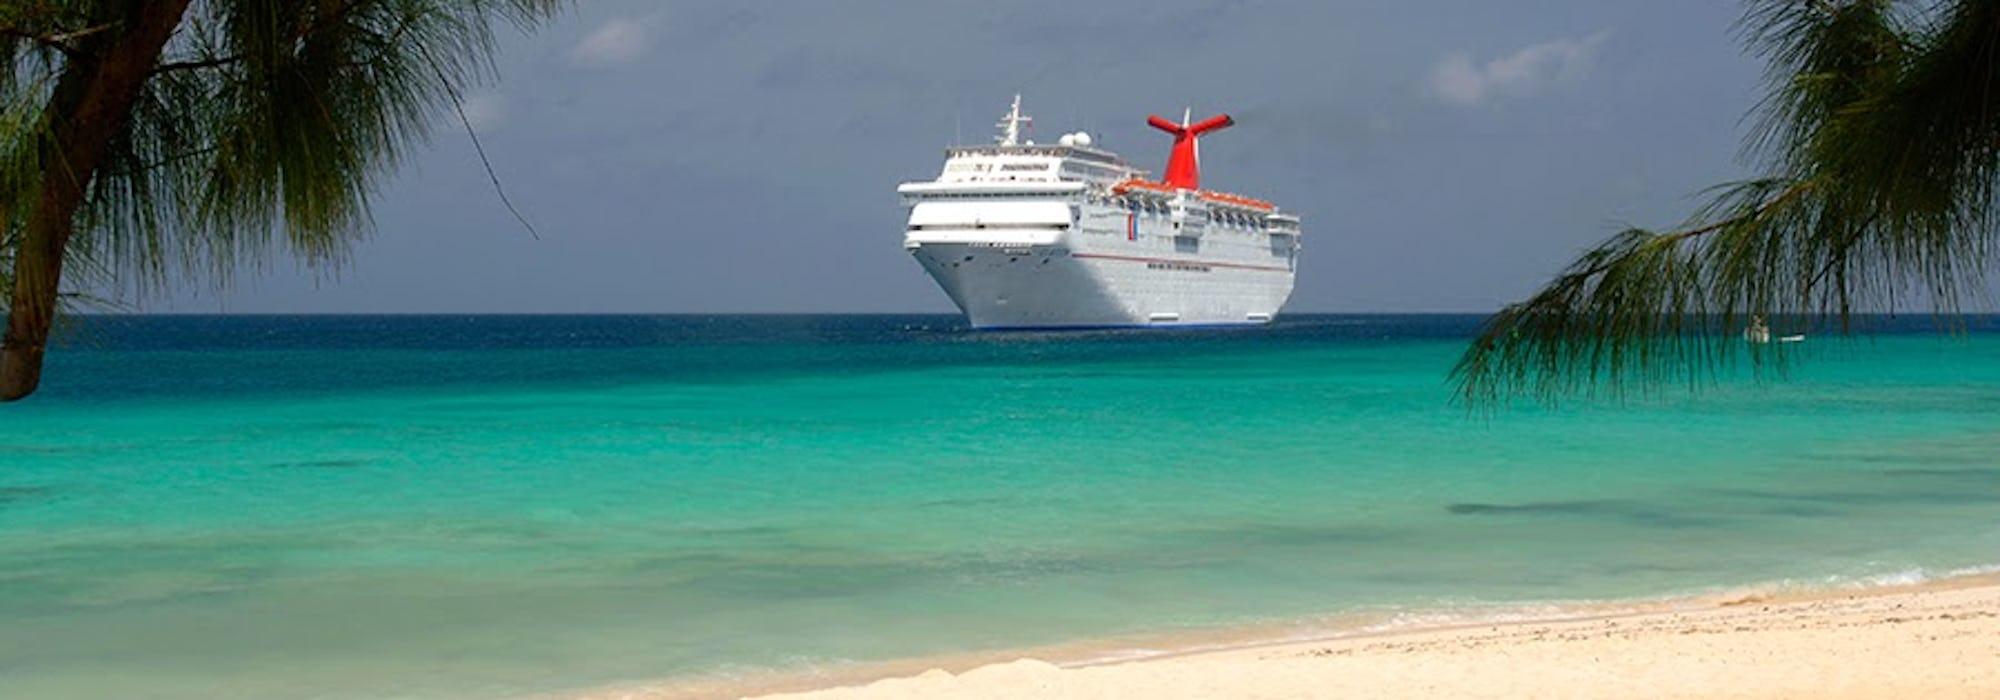 Bild tagen från stranden, mellan två gröna träd på fartyget Carnival Elation som kryssar fram i ljusgrönt vatten.